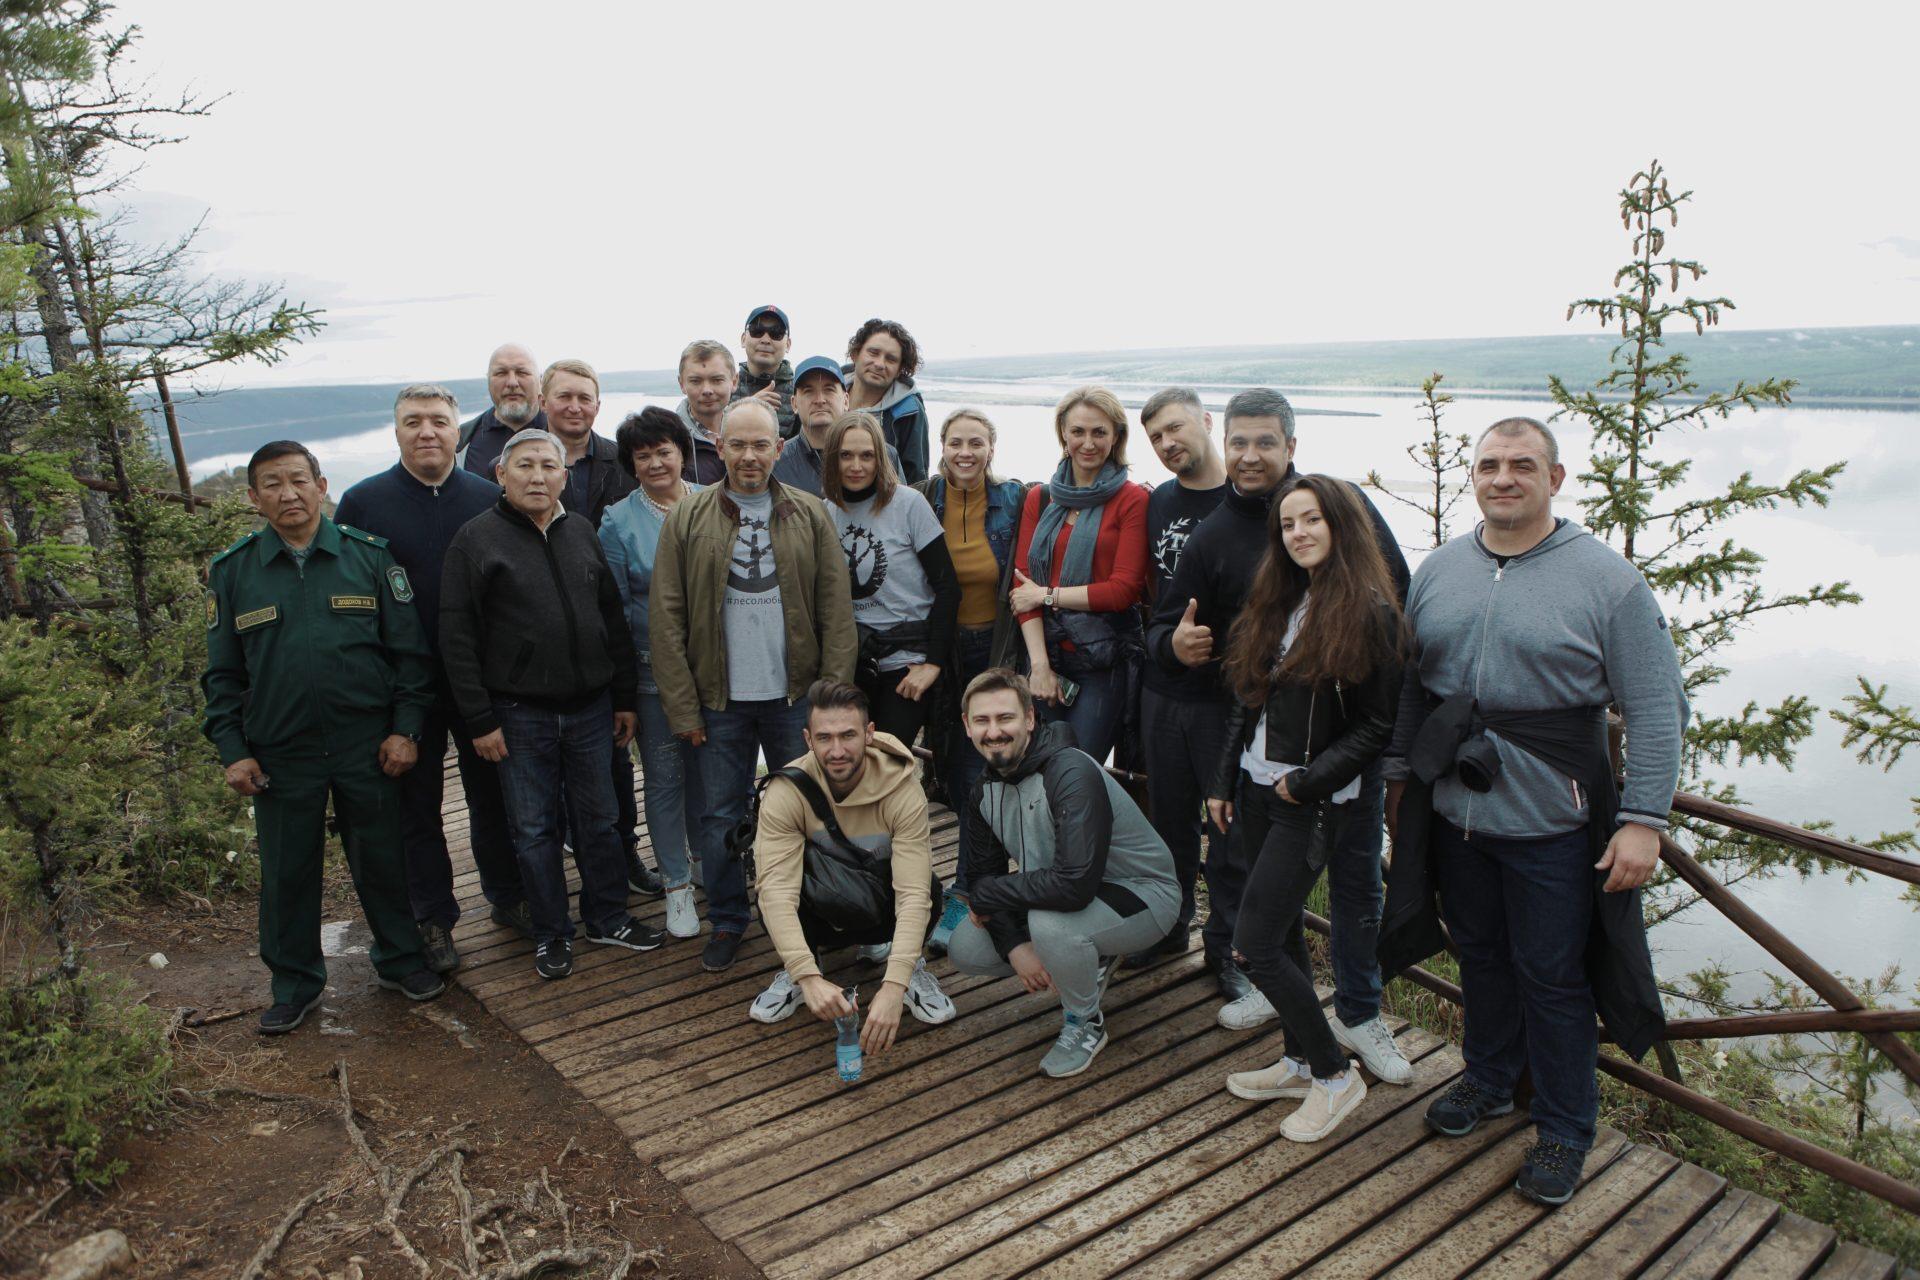 Участники Национального лесного Форума посетили Ленские столбы и предложили тиражировать опыт нацпарка